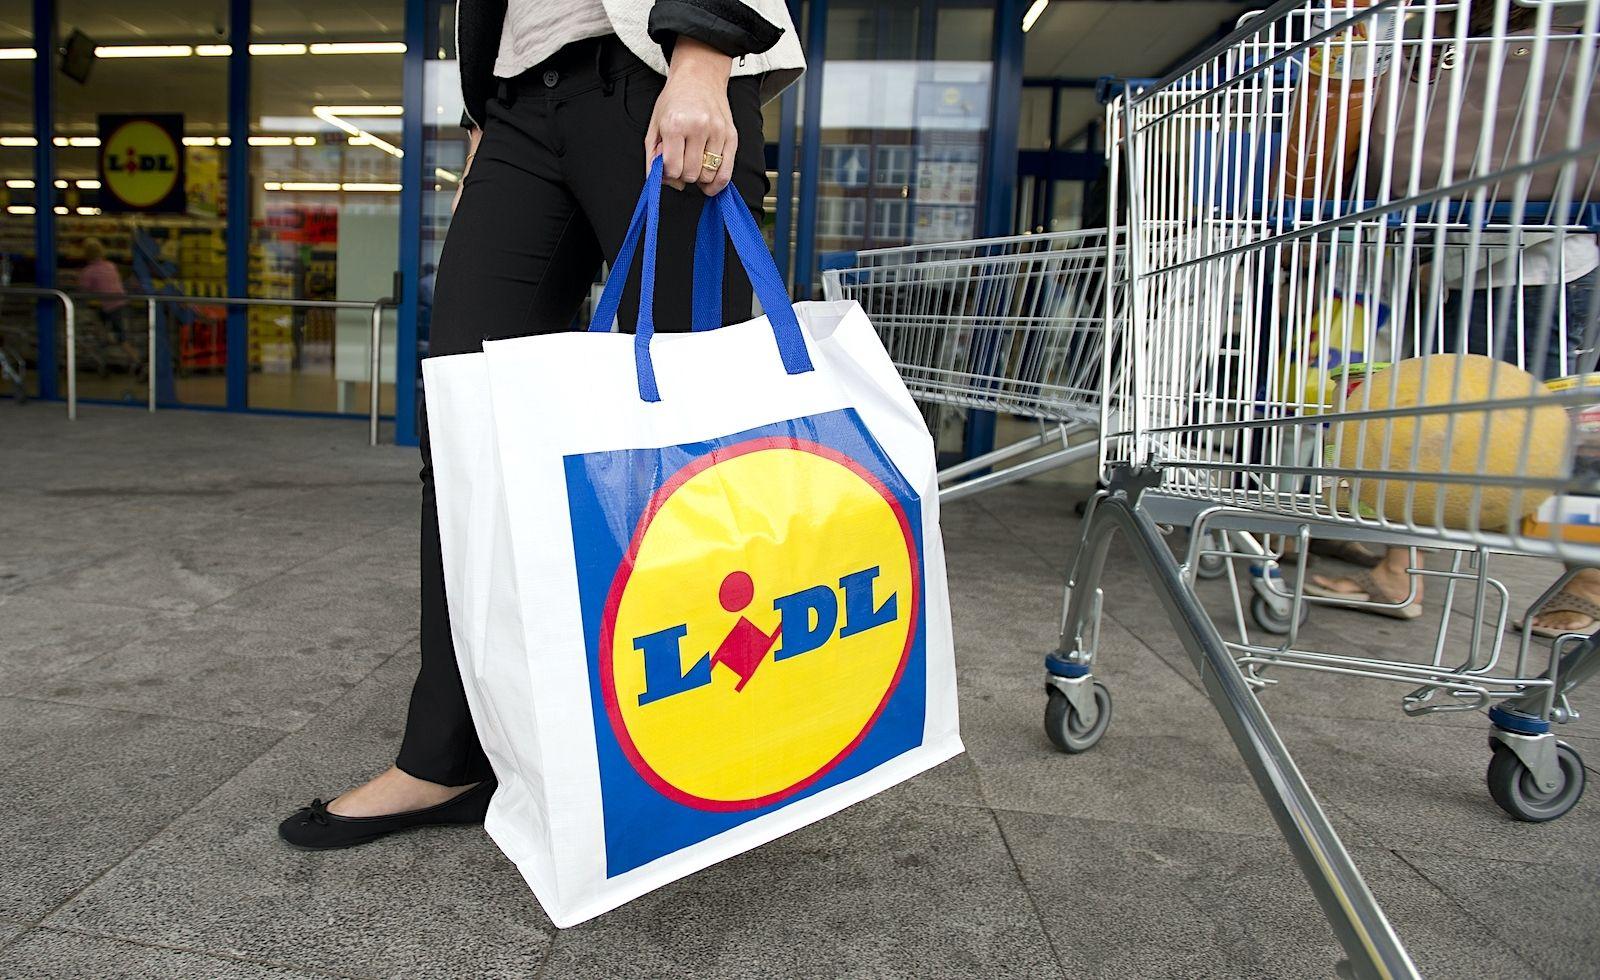 Lidl supermsarkt openingstijden pasen 2021 winkel retail